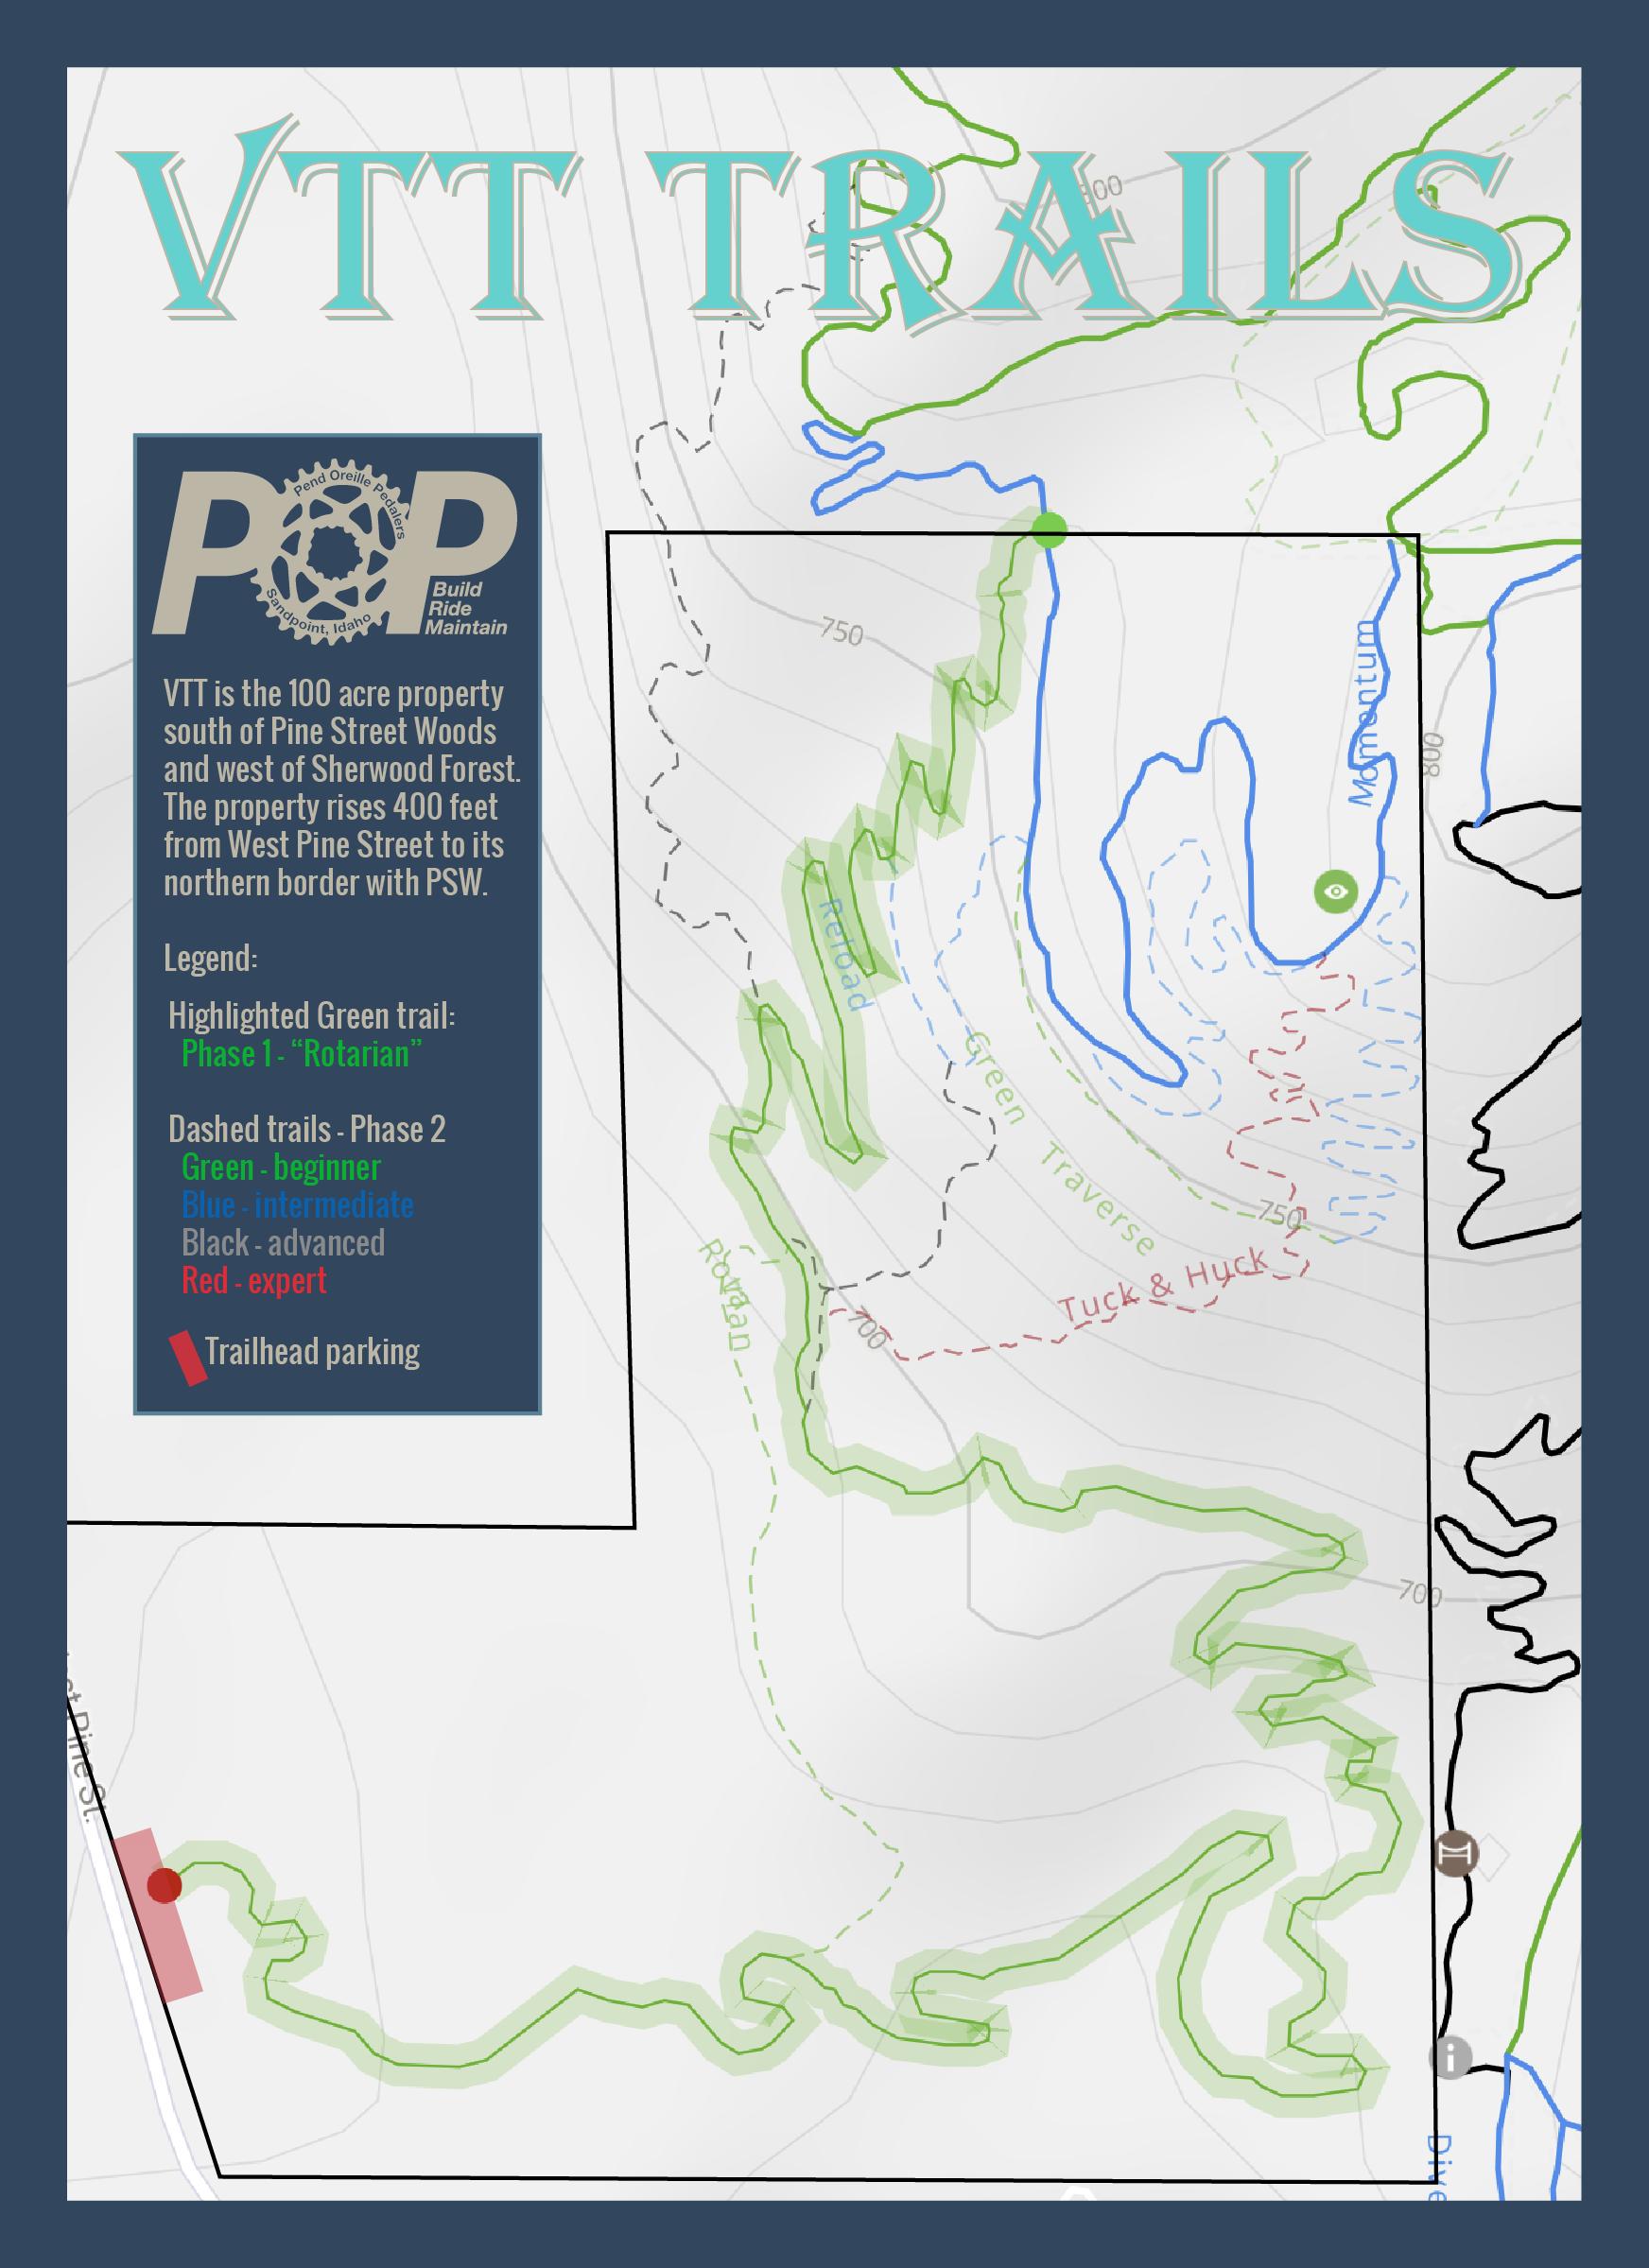 VTT Trail Concept Map